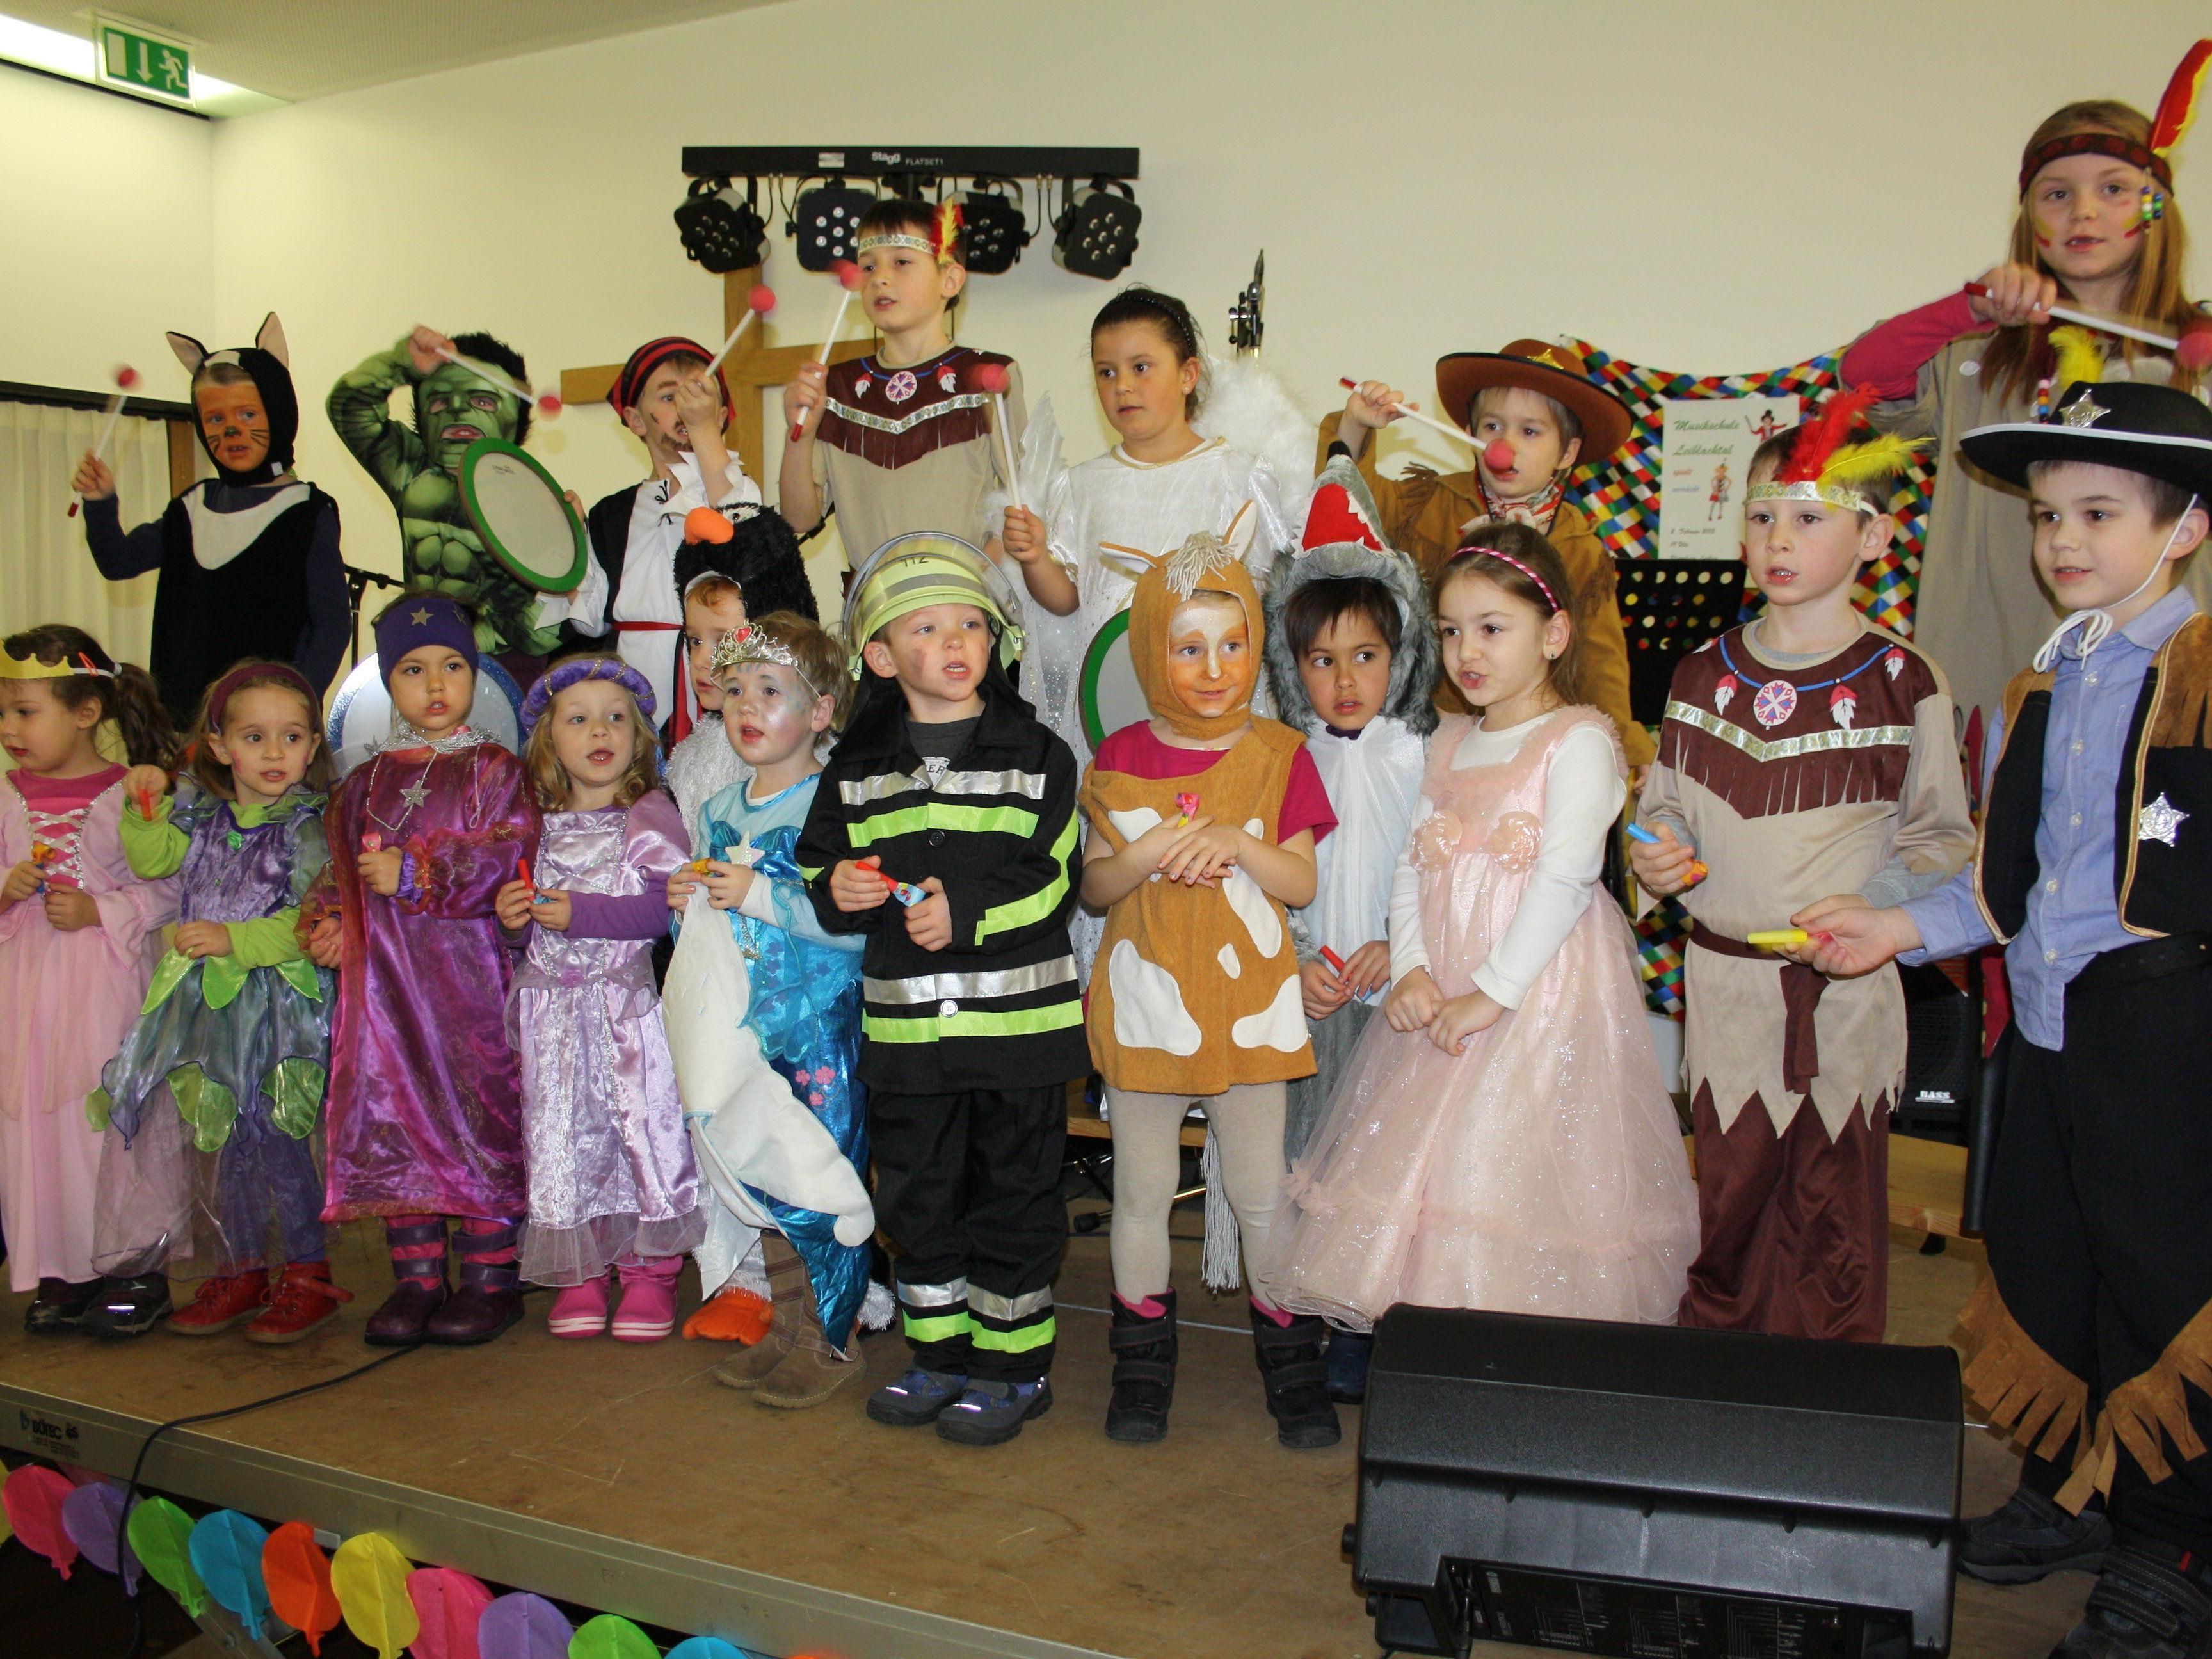 Die Gruppe der Musikalischen Früherziehung sorgte beim verrückten Faschingskonzert der Musikschule Leiblachtal für den bravourösen Auftakt.